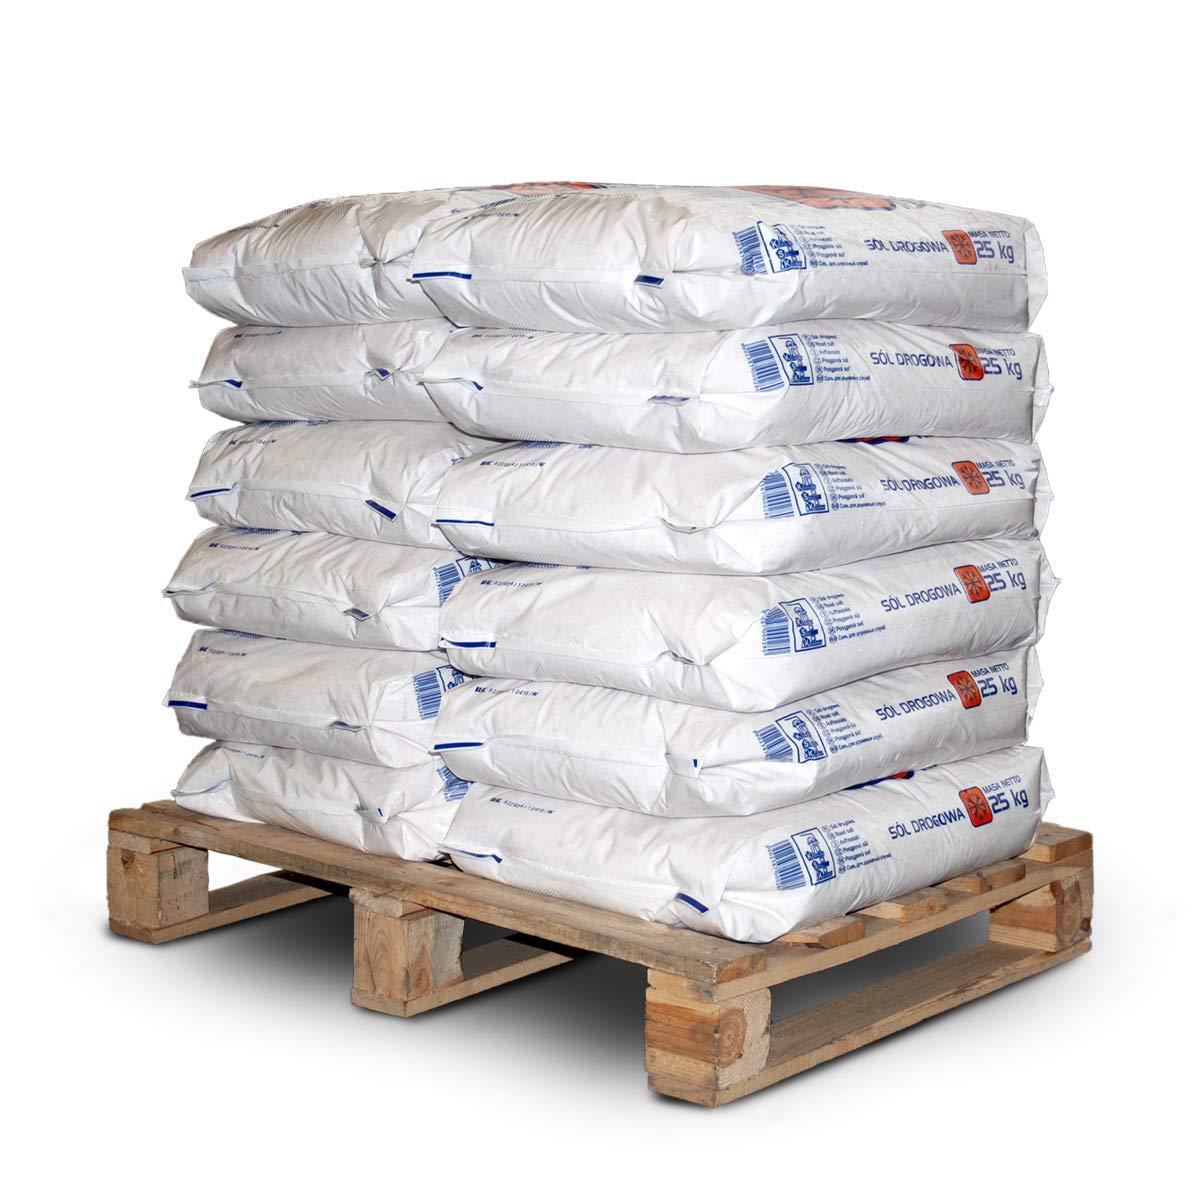 PALIGO Streusalz Auftausalz Straßensalz Tausalz Steinsalz Wintersalz Räumsalz Taumittel Granulat Salz 25kg x 12 Sack 300kg / 1 Palette